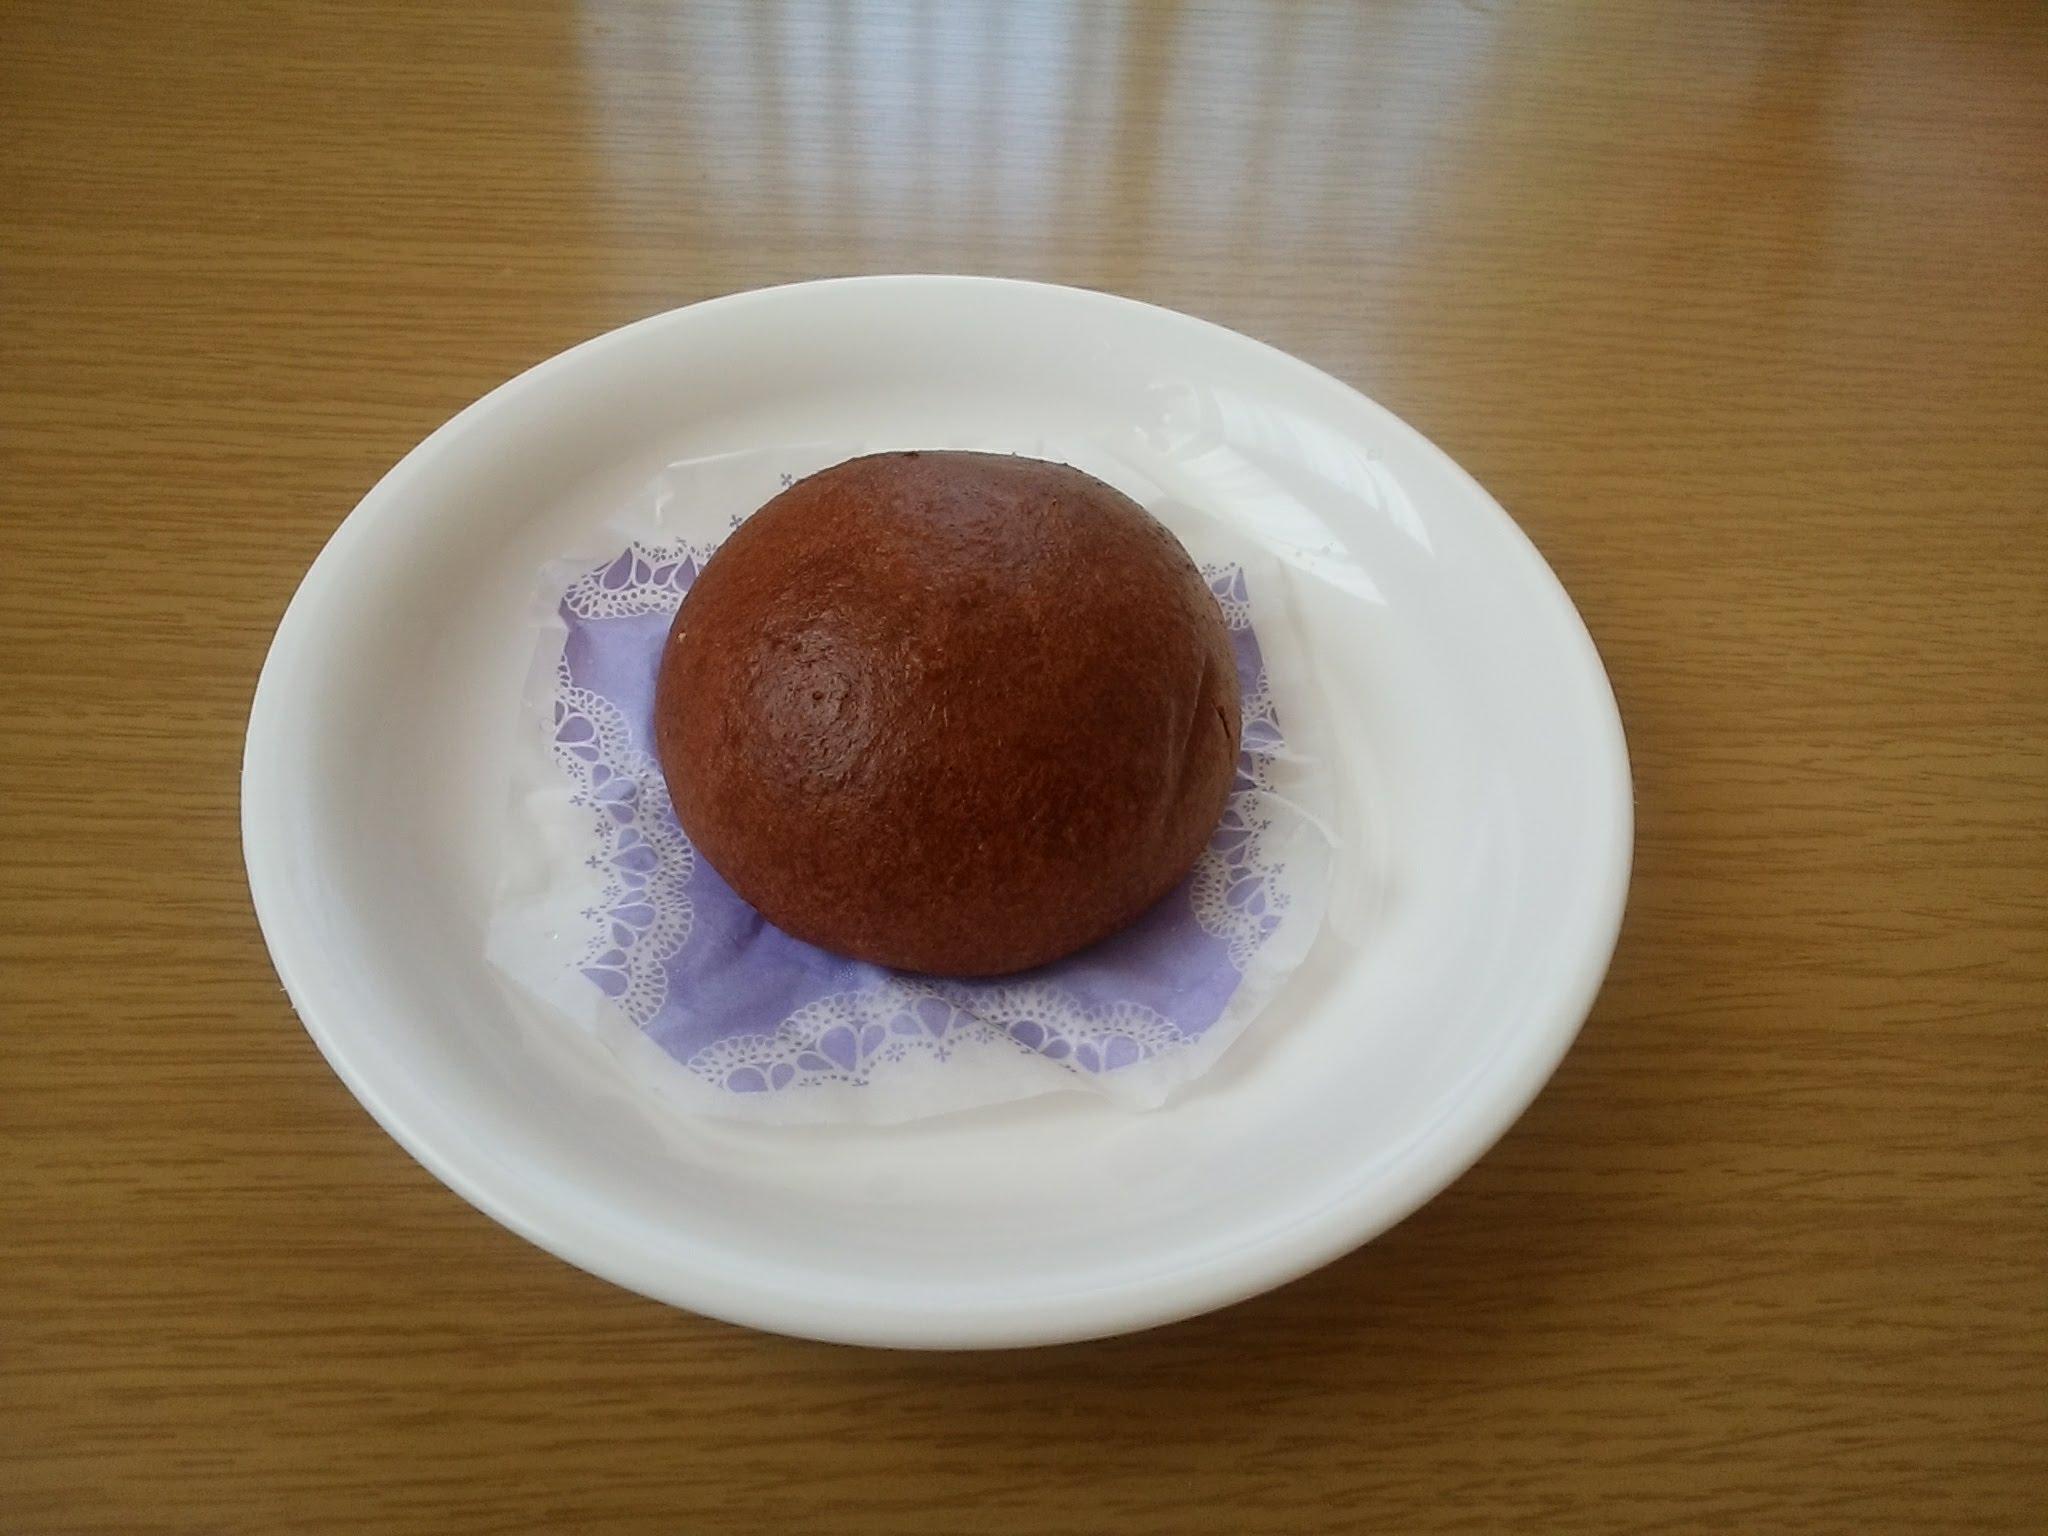 チョコまん(フォンダンショコラ)